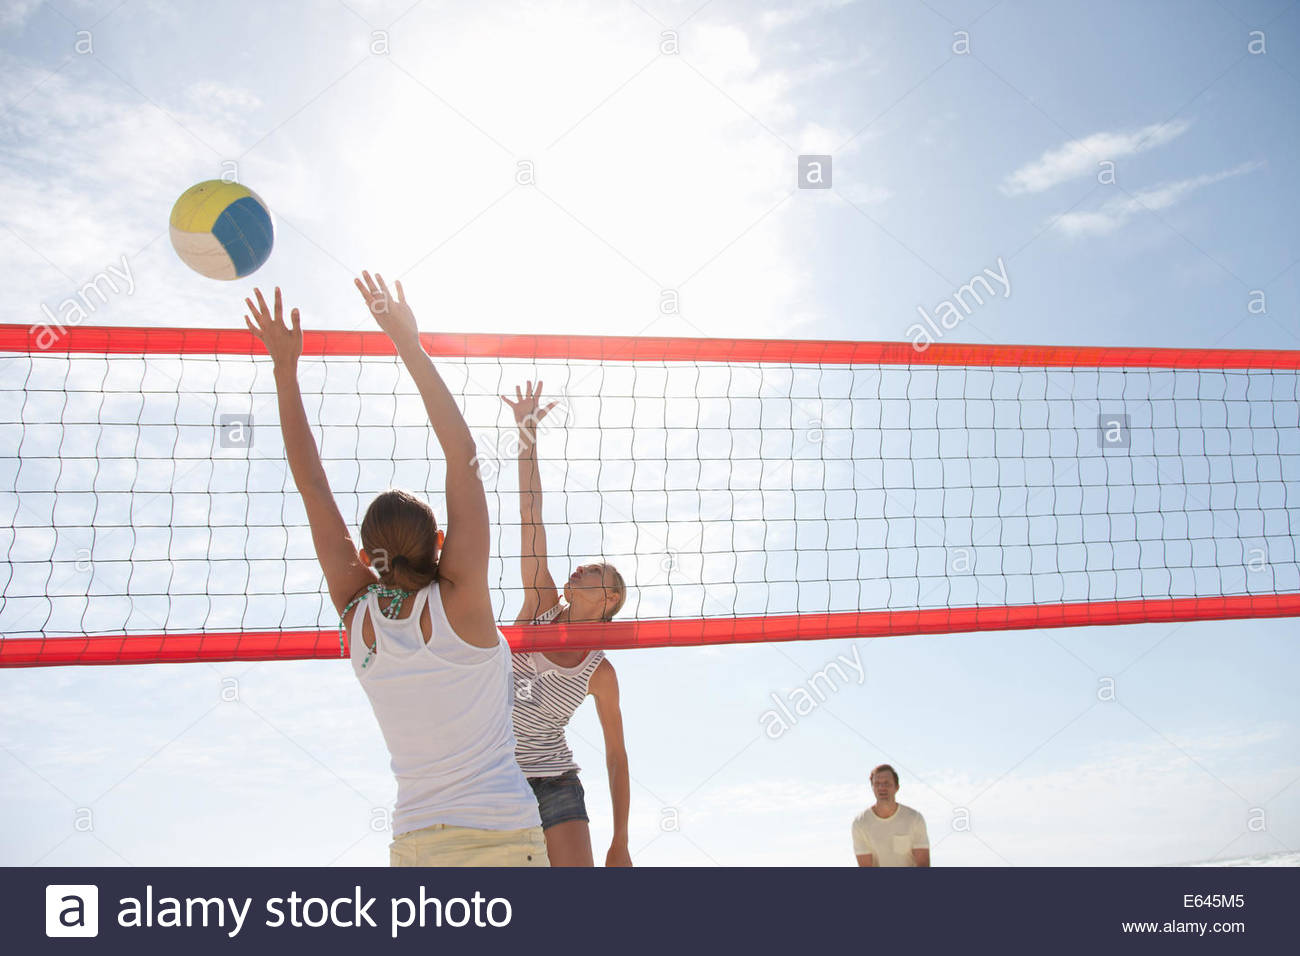 Amigos jugando voleibol Imagen De Stock